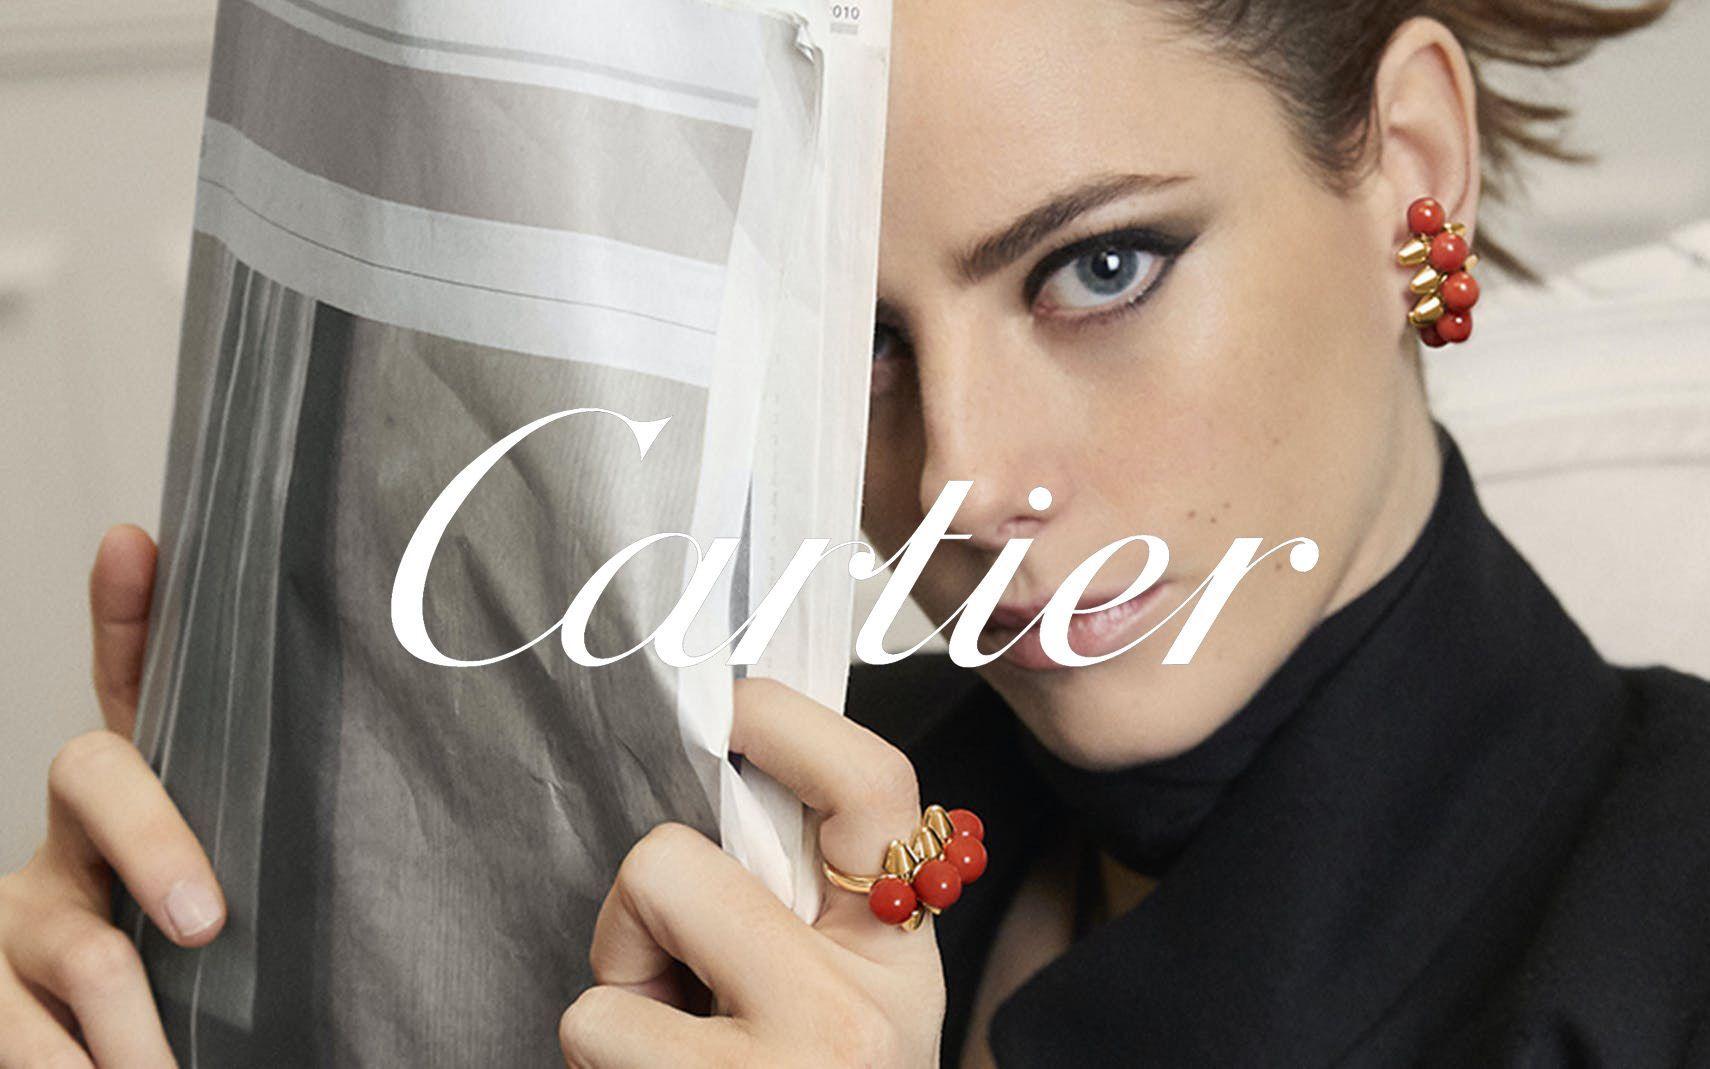 Il successo dei podcast contagia anche Cartier